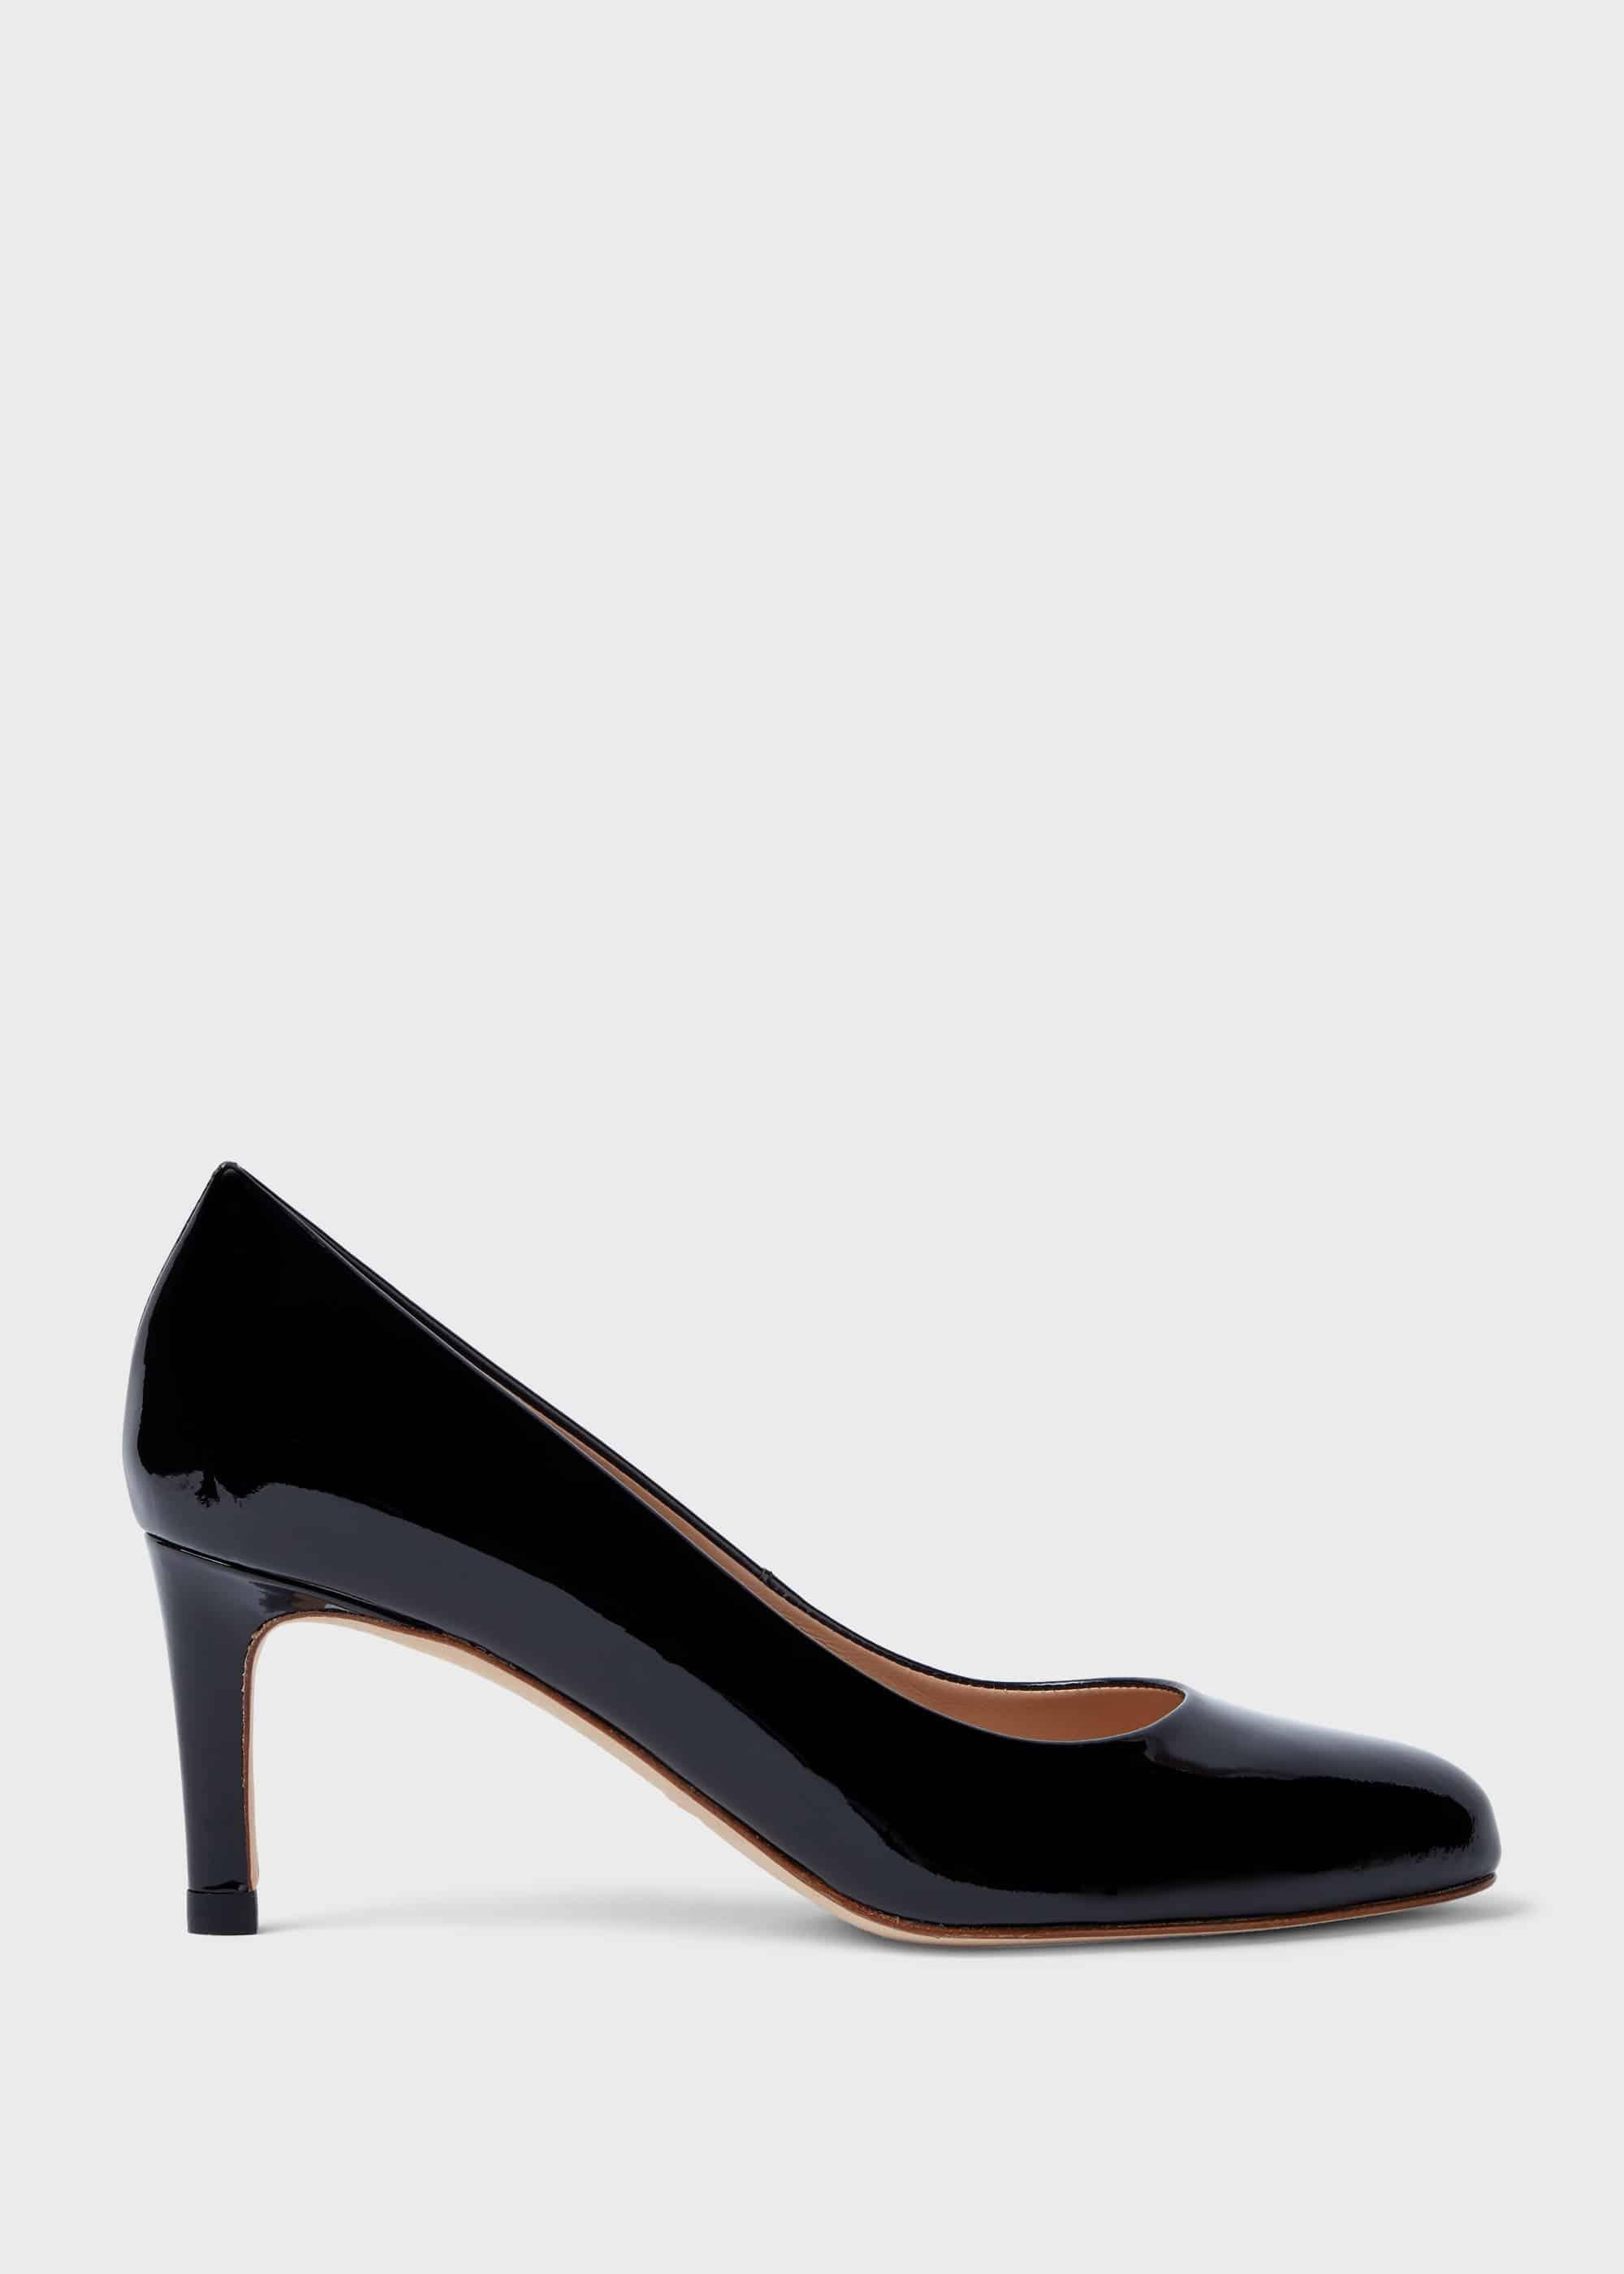 Hobbs Women Lizzie Patent Stiletto Court Shoes